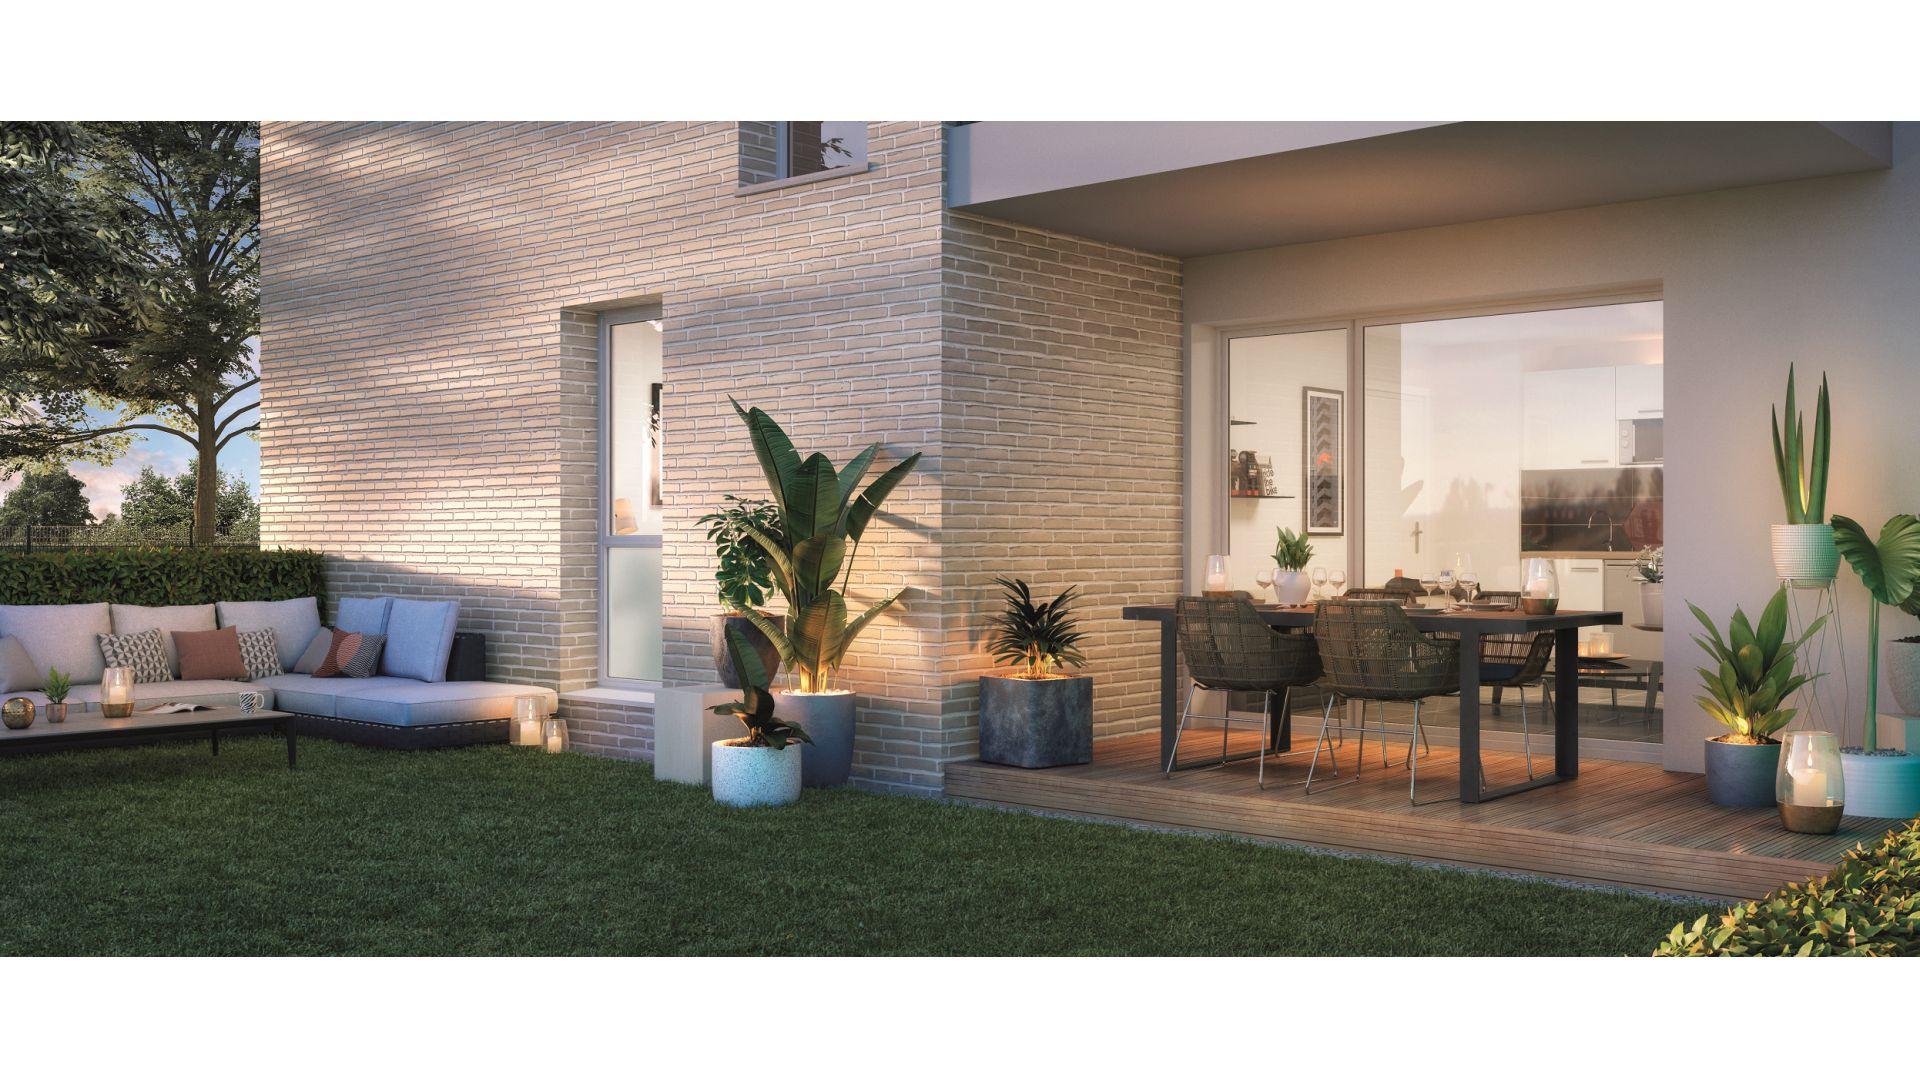 GreenCity immobilier - Frouzins - Résidence l'Aiguillon - 31270 - appartements neufs du T2 au T3  - vue terrasse